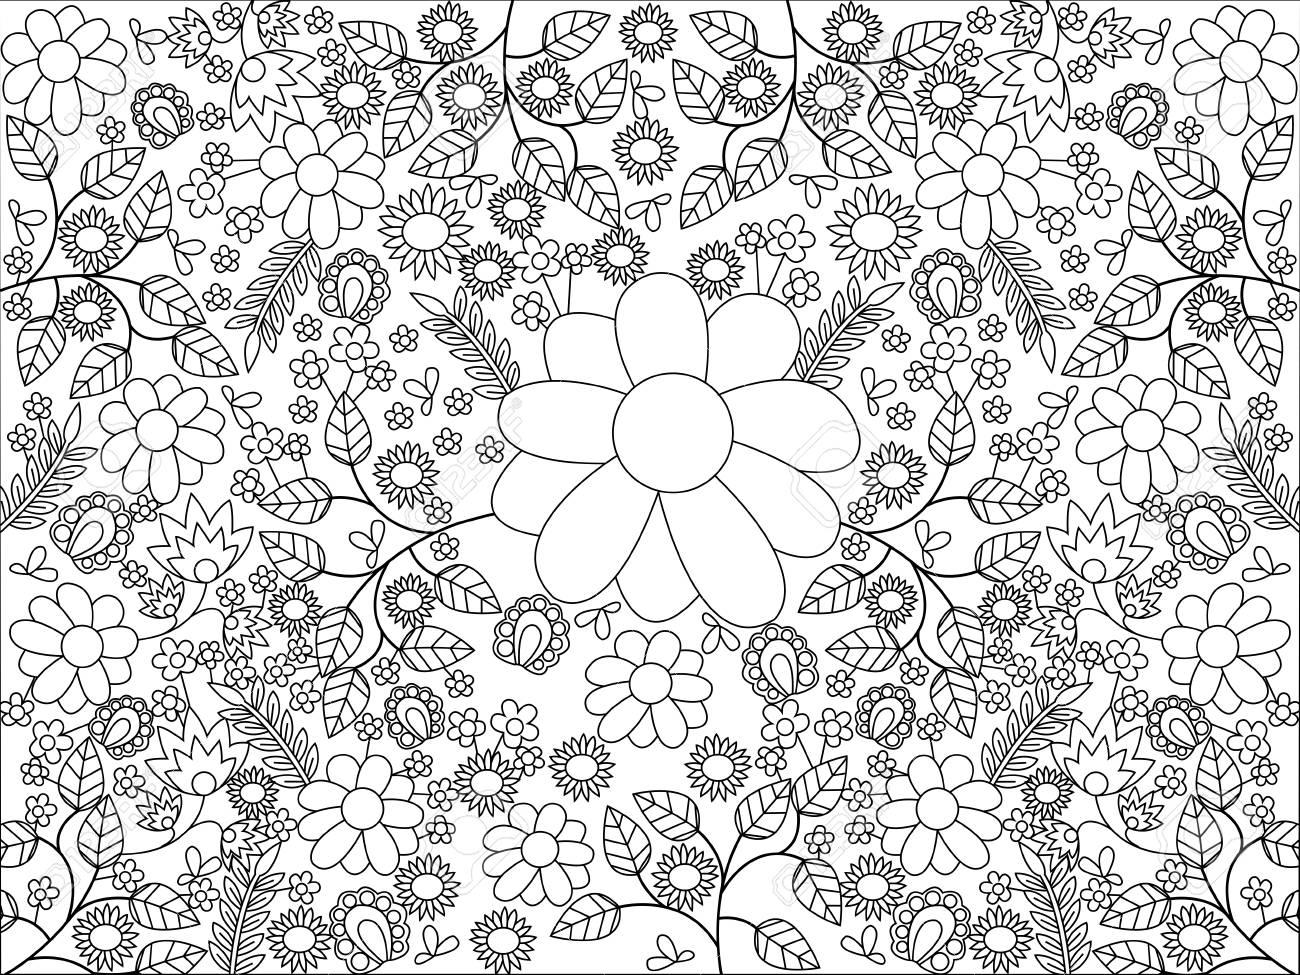 Libro Para Colorear Mandala Para La Ilustración Vectorial Adultos Antiestrés Colorear Para Adultos Estilo De Zentangle Líneas Blancas Y Negras